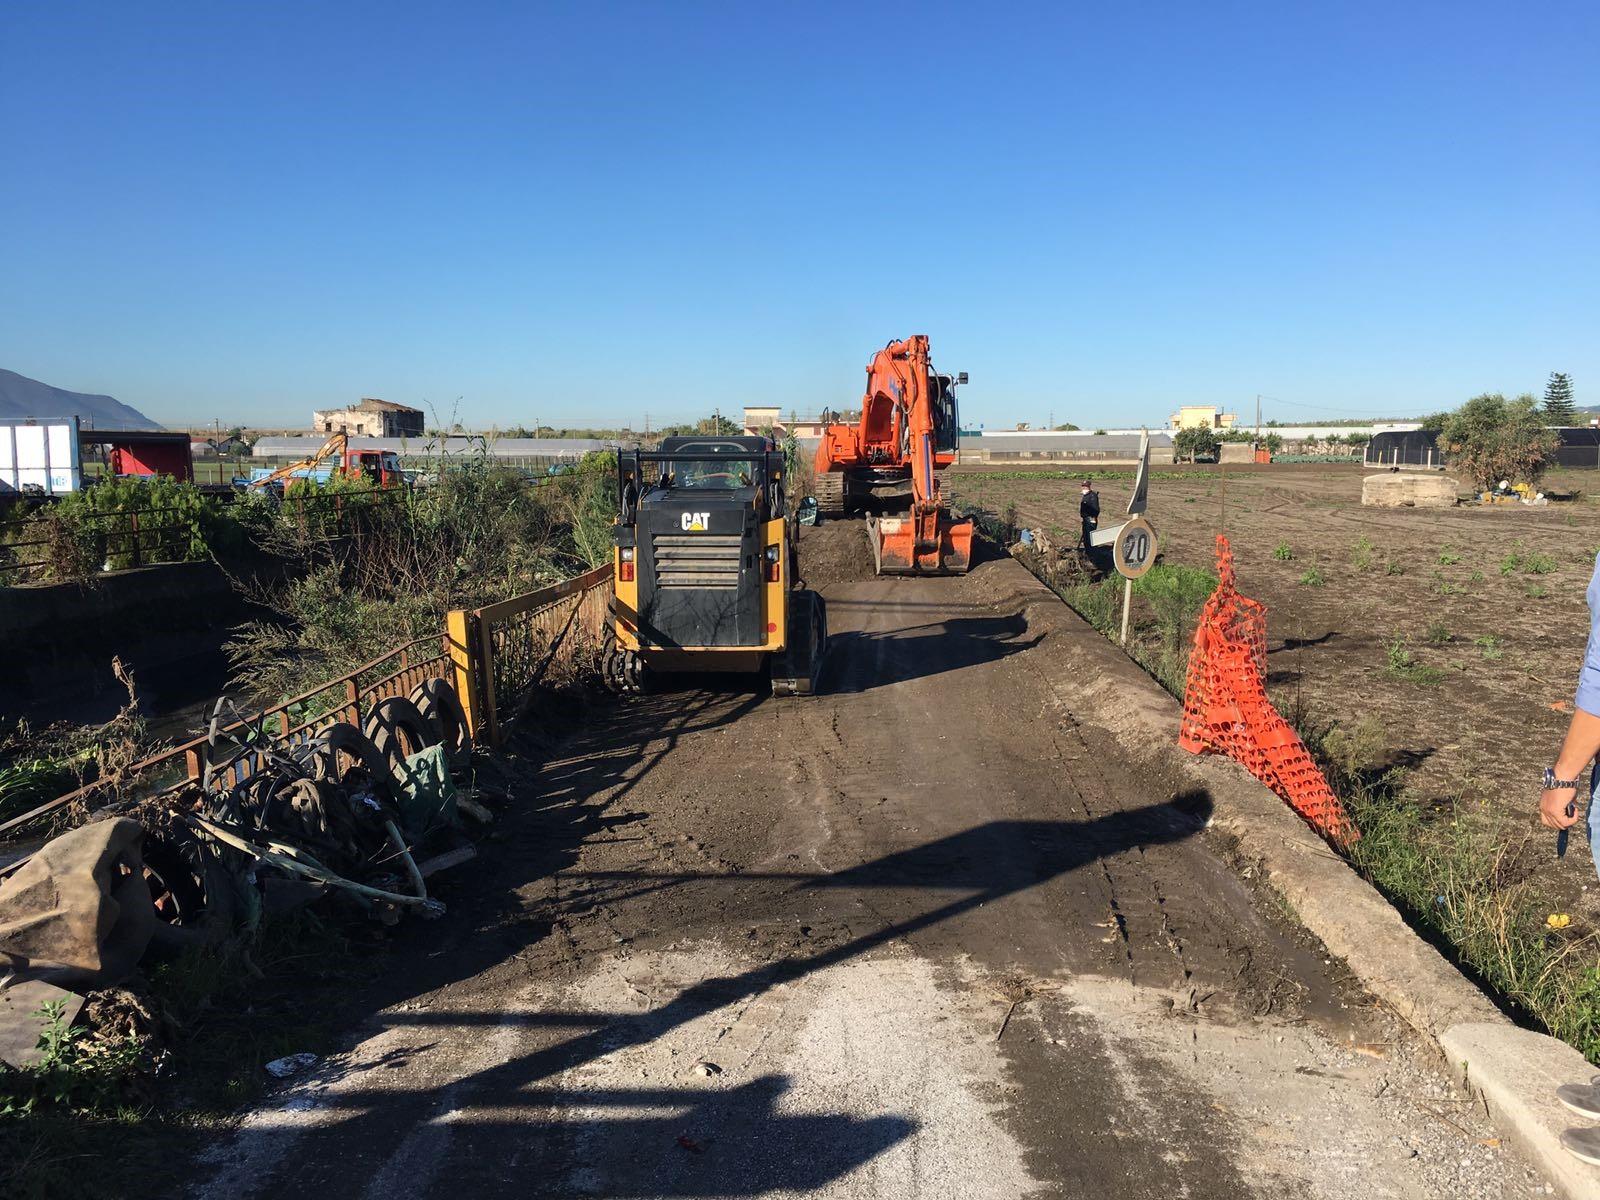 Avviata la rimozione dei fanghi di dragaggio del  Rio Sguazzatorio nei Comuni di Angri e San Marzano S.S.